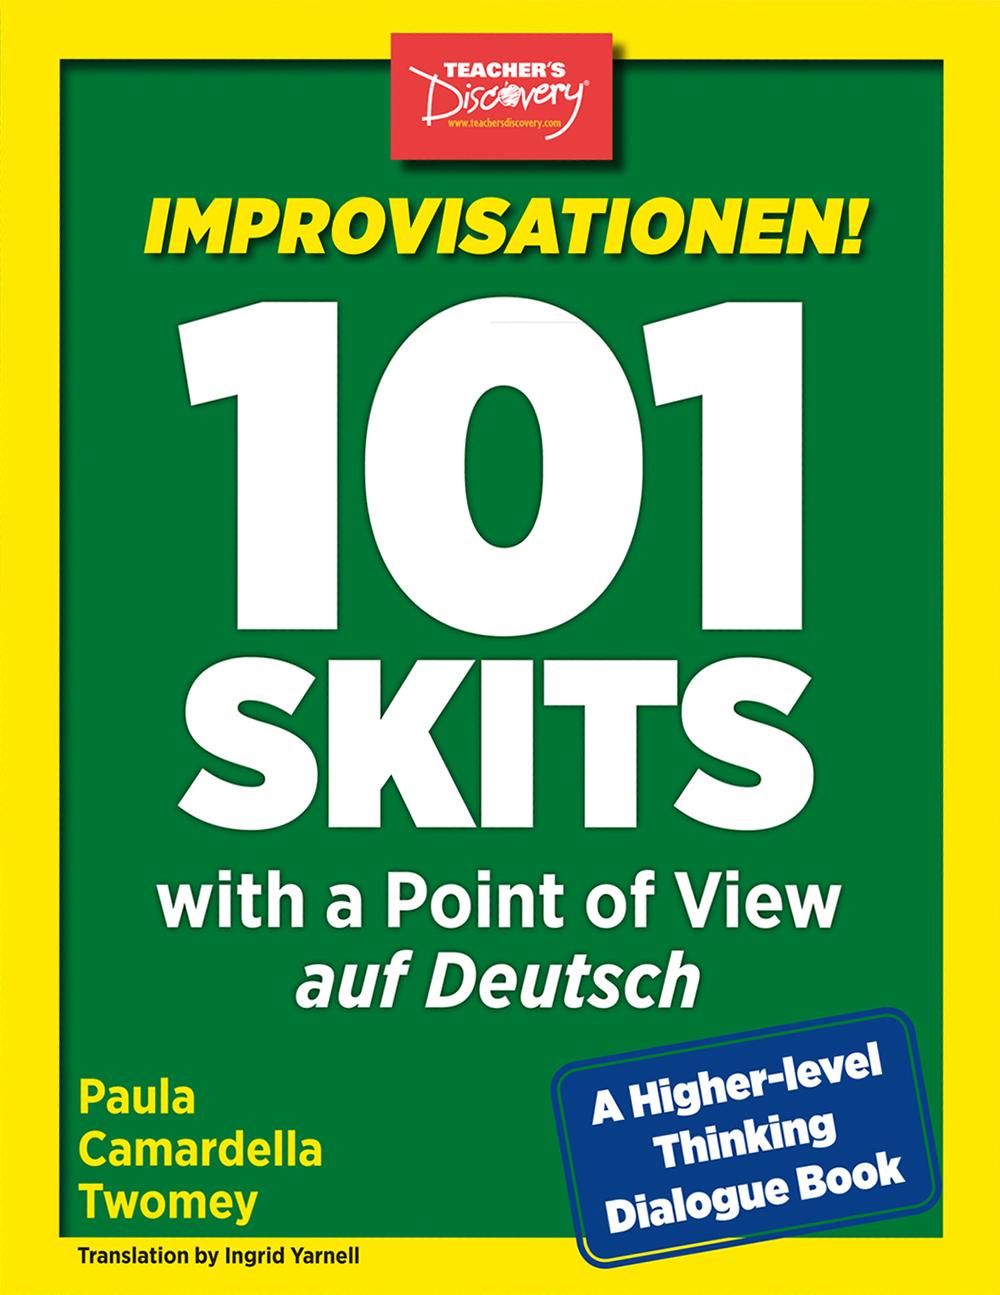 Improvisationen! 101 Skits with a Point of View auf Deutsch Book